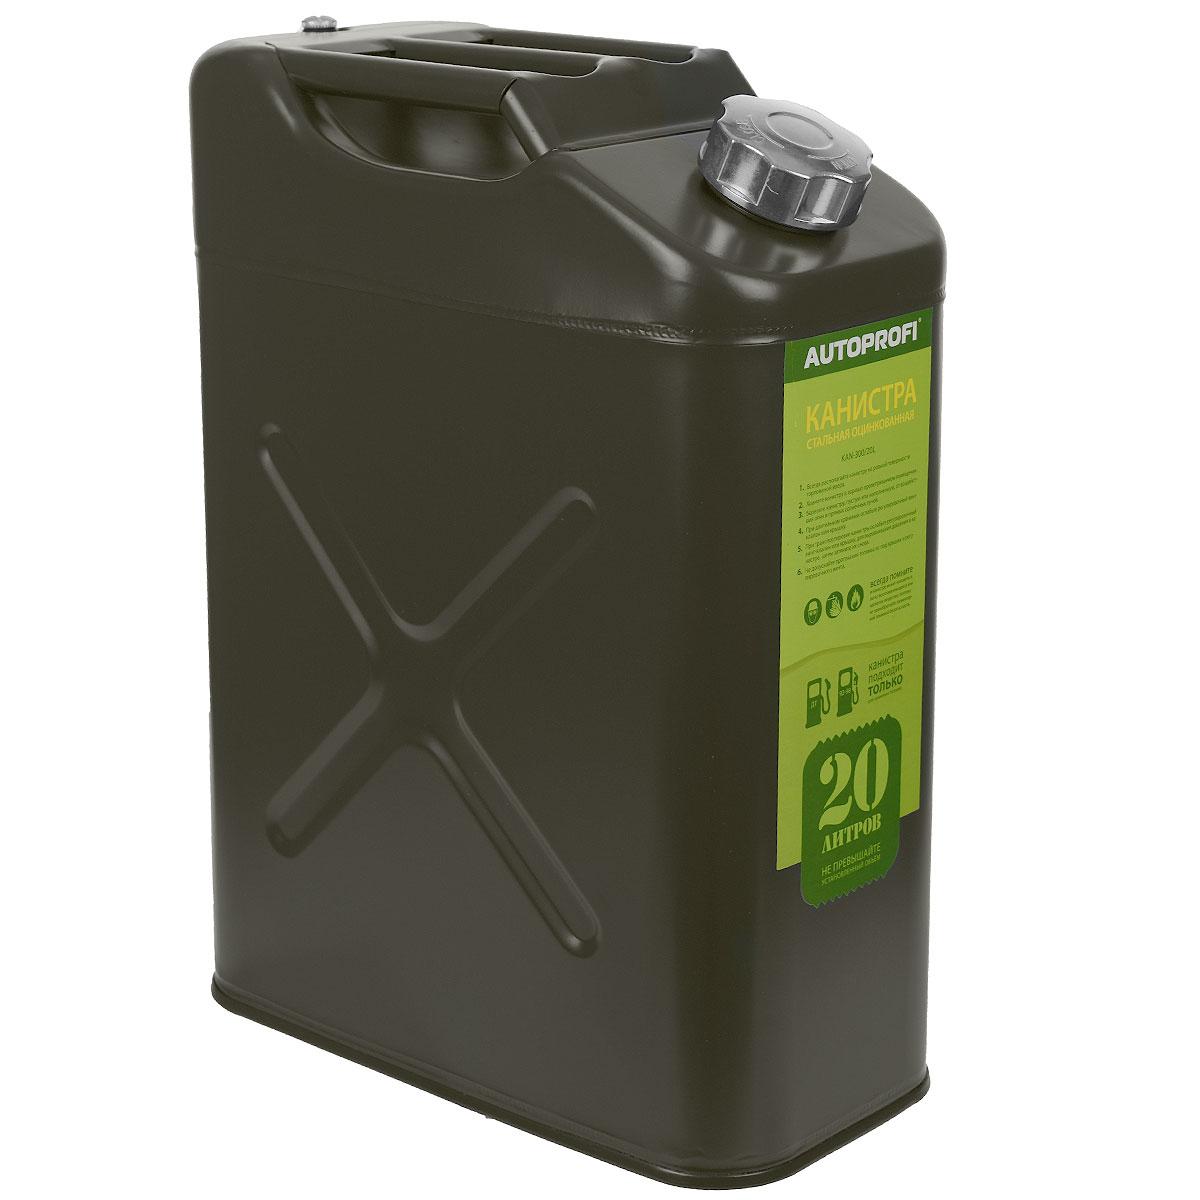 Канистра стальная Autoprofi, вертикальная, 20 л. KAN-300KAN-300 (20L)Универсальная 20-литровая канистра Autoprofi предназначена для хранения топлива любого вида. Канистра изготовлена из оцинкованной стали, которая обладает высокими антикоррозийными свойствами и устойчива к агрессивному воздействию заливаемой жидкости. Для удобства переноски изделие оснащено тремя ручками. В верхнюю часть канистры встроен регулировочный клапан, который выравнивает давление воздуха внутри емкости с атмосферным, ускоряя процесс заливки и опорожнения. С канистрой также поставляется гофрированная трубка-лейка, находящаяся под крышкой. С ее помощью удобно заливать топливо в горловину бака любой конфигурации.